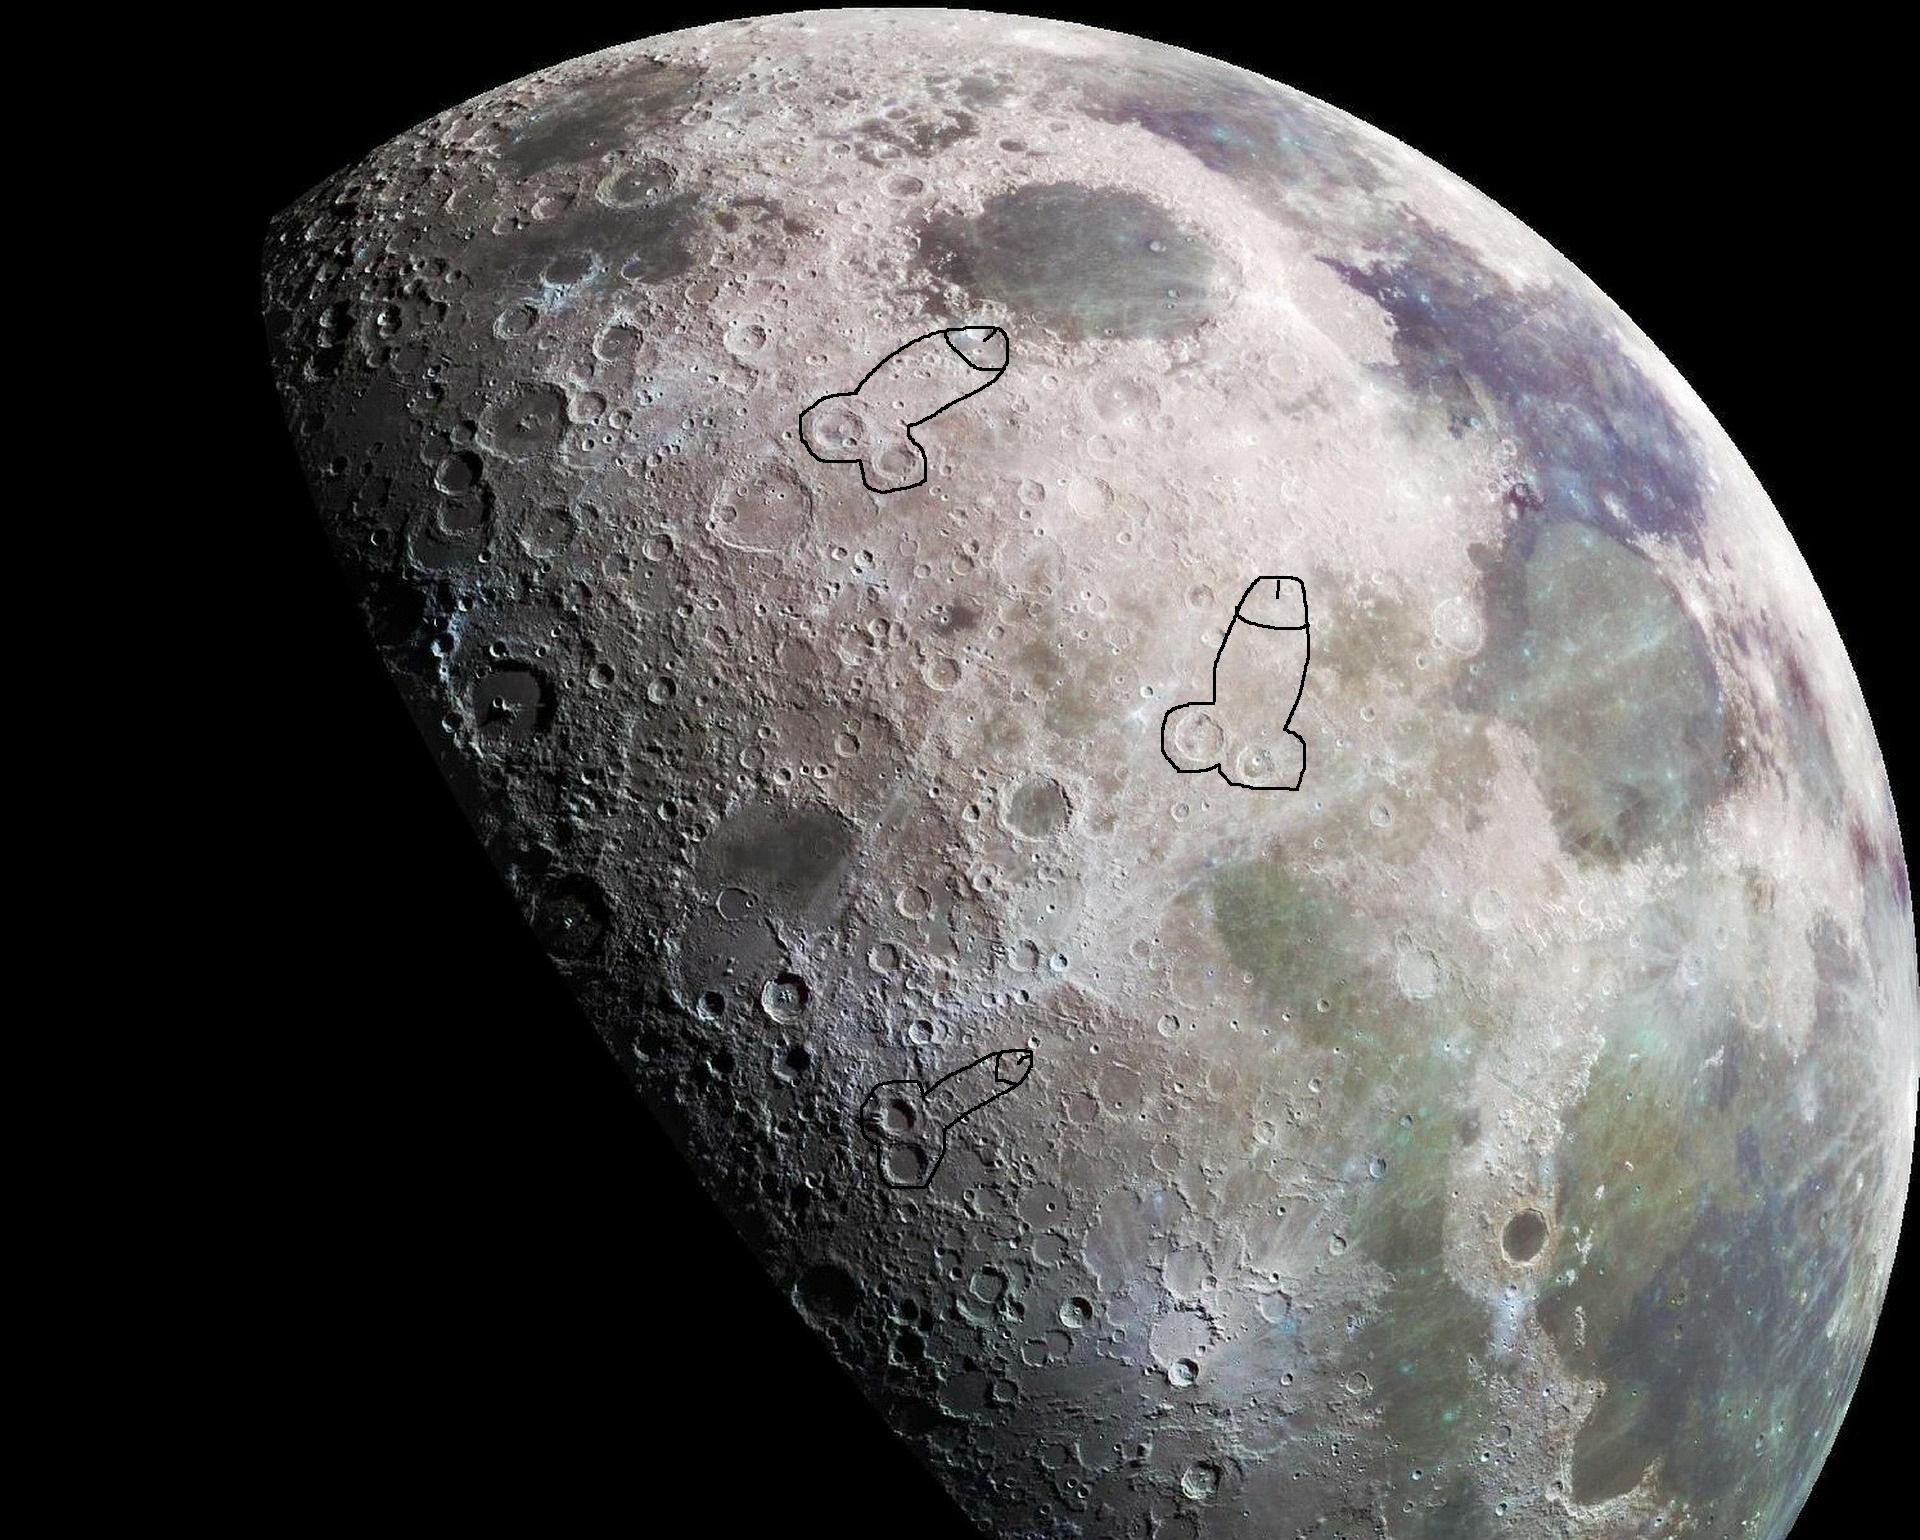 Bezoya se plantea reclamar los derechos de extracción del agua encontrada en la luna en beneficio de los micropenes